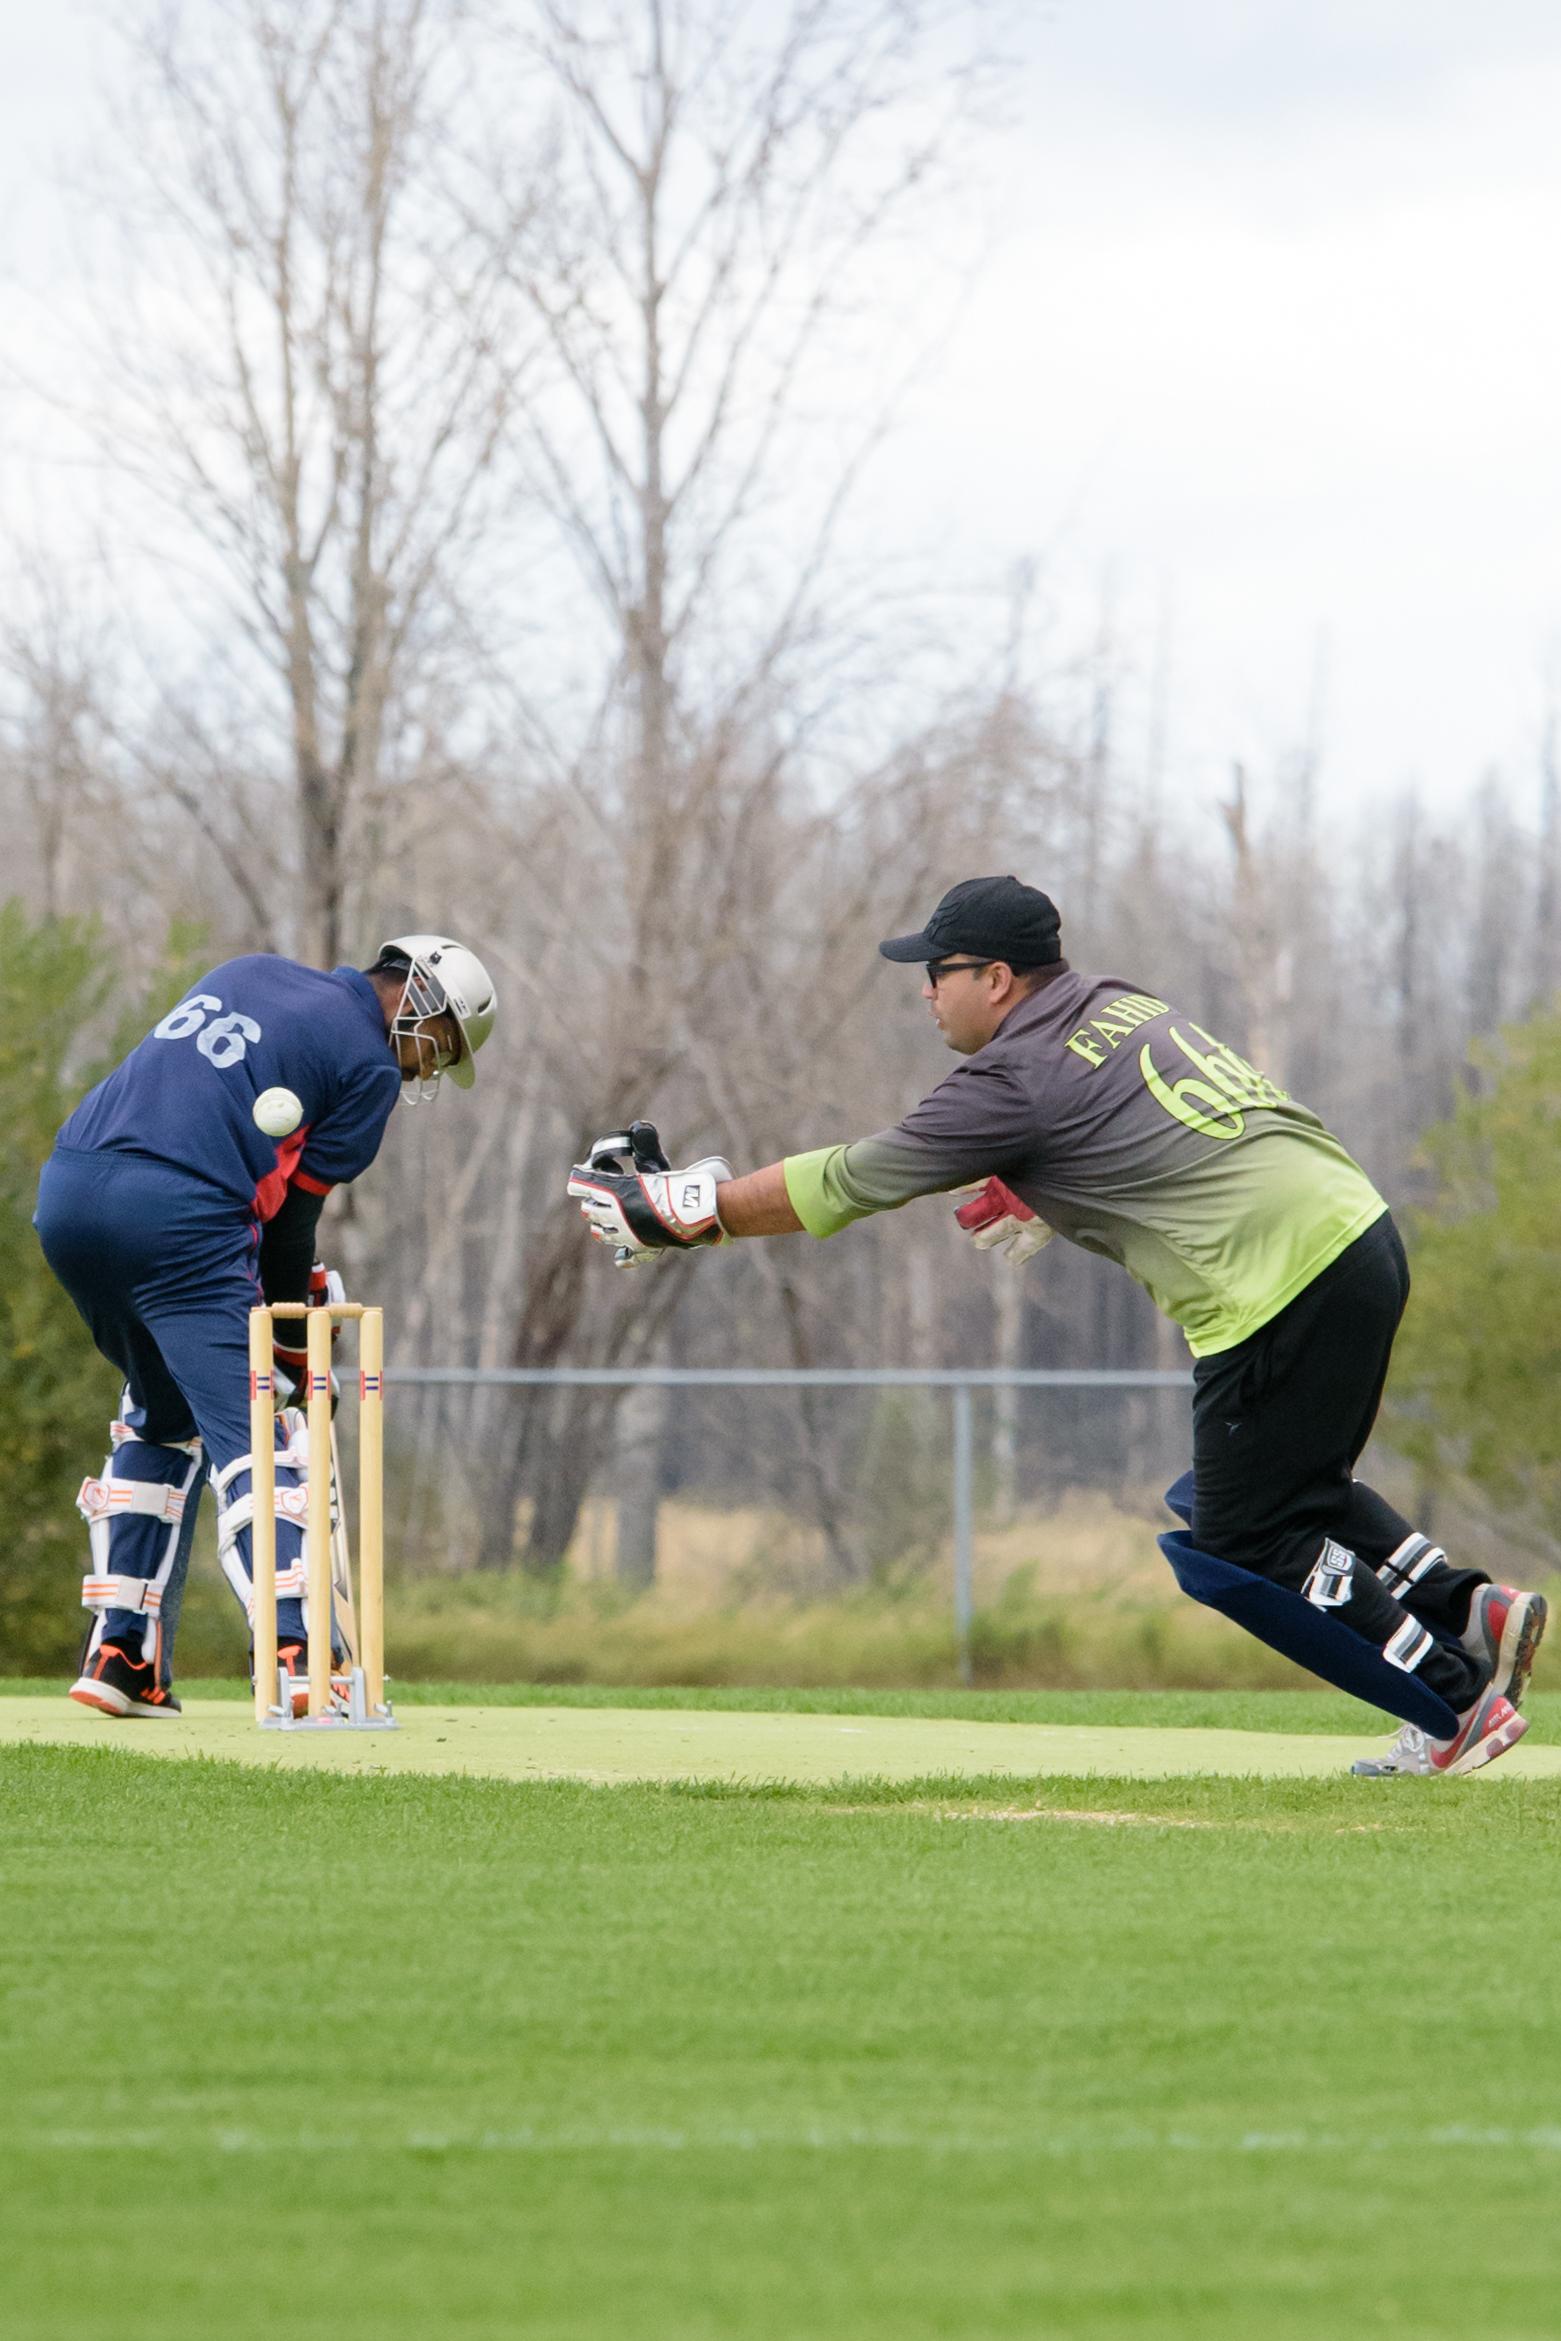 Cricket-1992.jpg